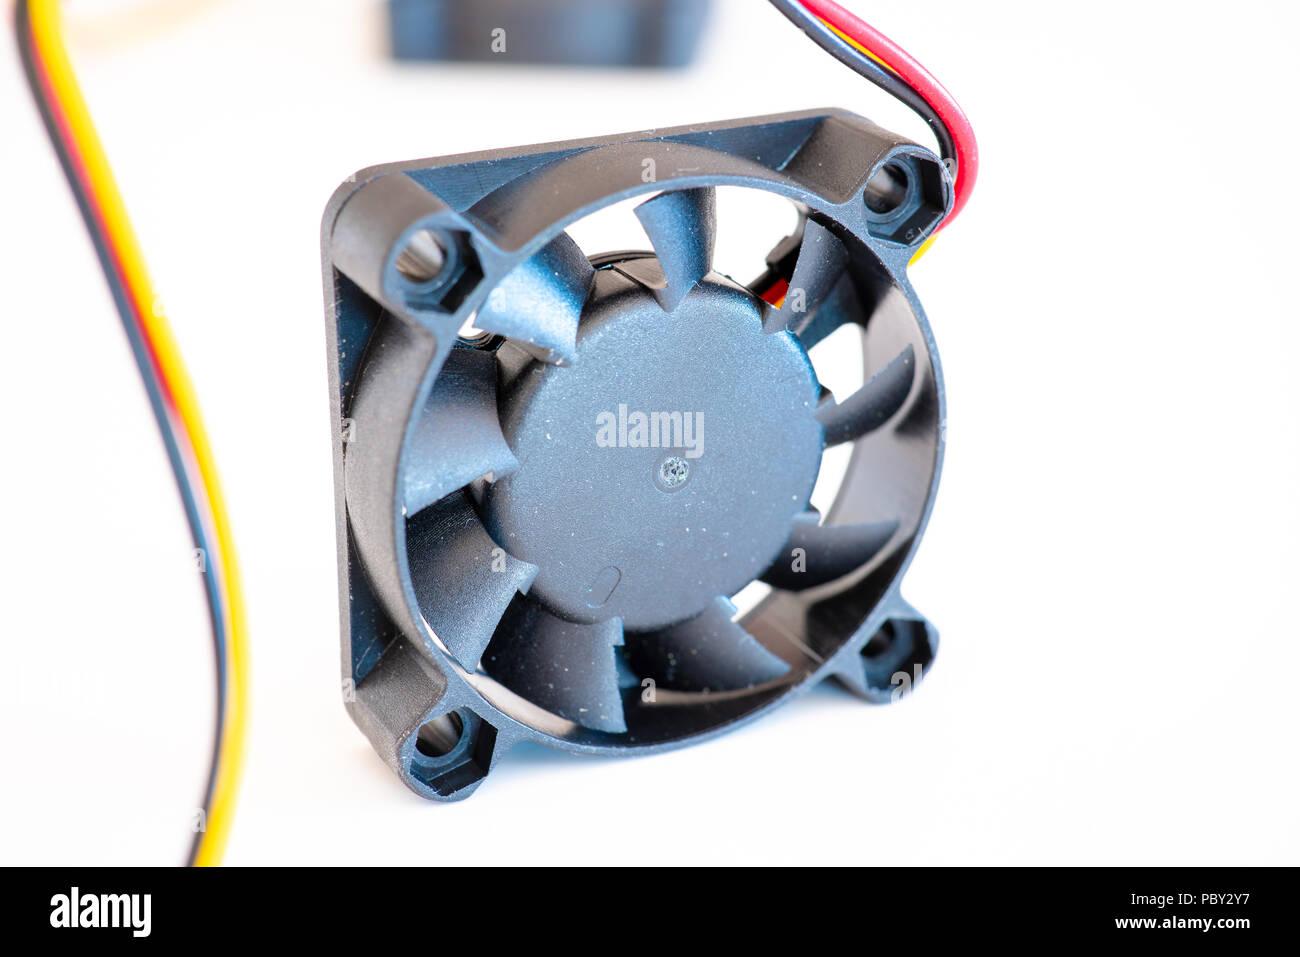 Ventilateur ordinateur isolé sur fond blanc Photo Stock